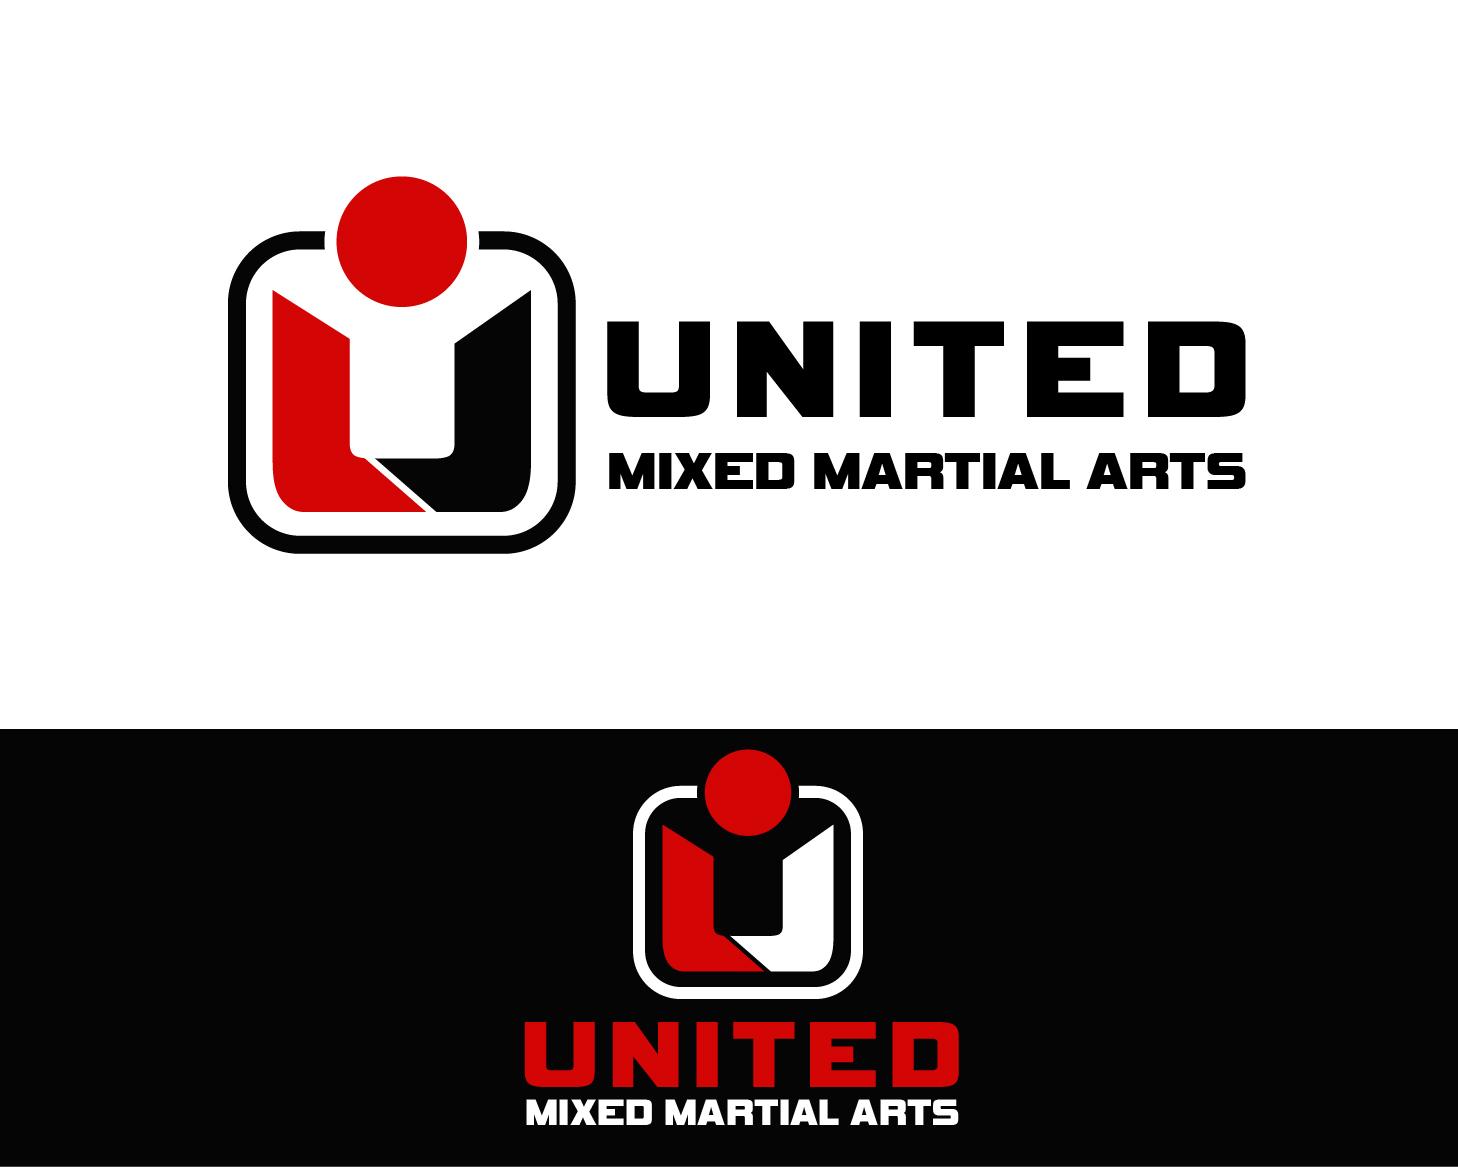 Logo Design by Allan Esclamado - Entry No. 90 in the Logo Design Contest Artistic Logo Design for United Mixed Martial Arts Ltd..